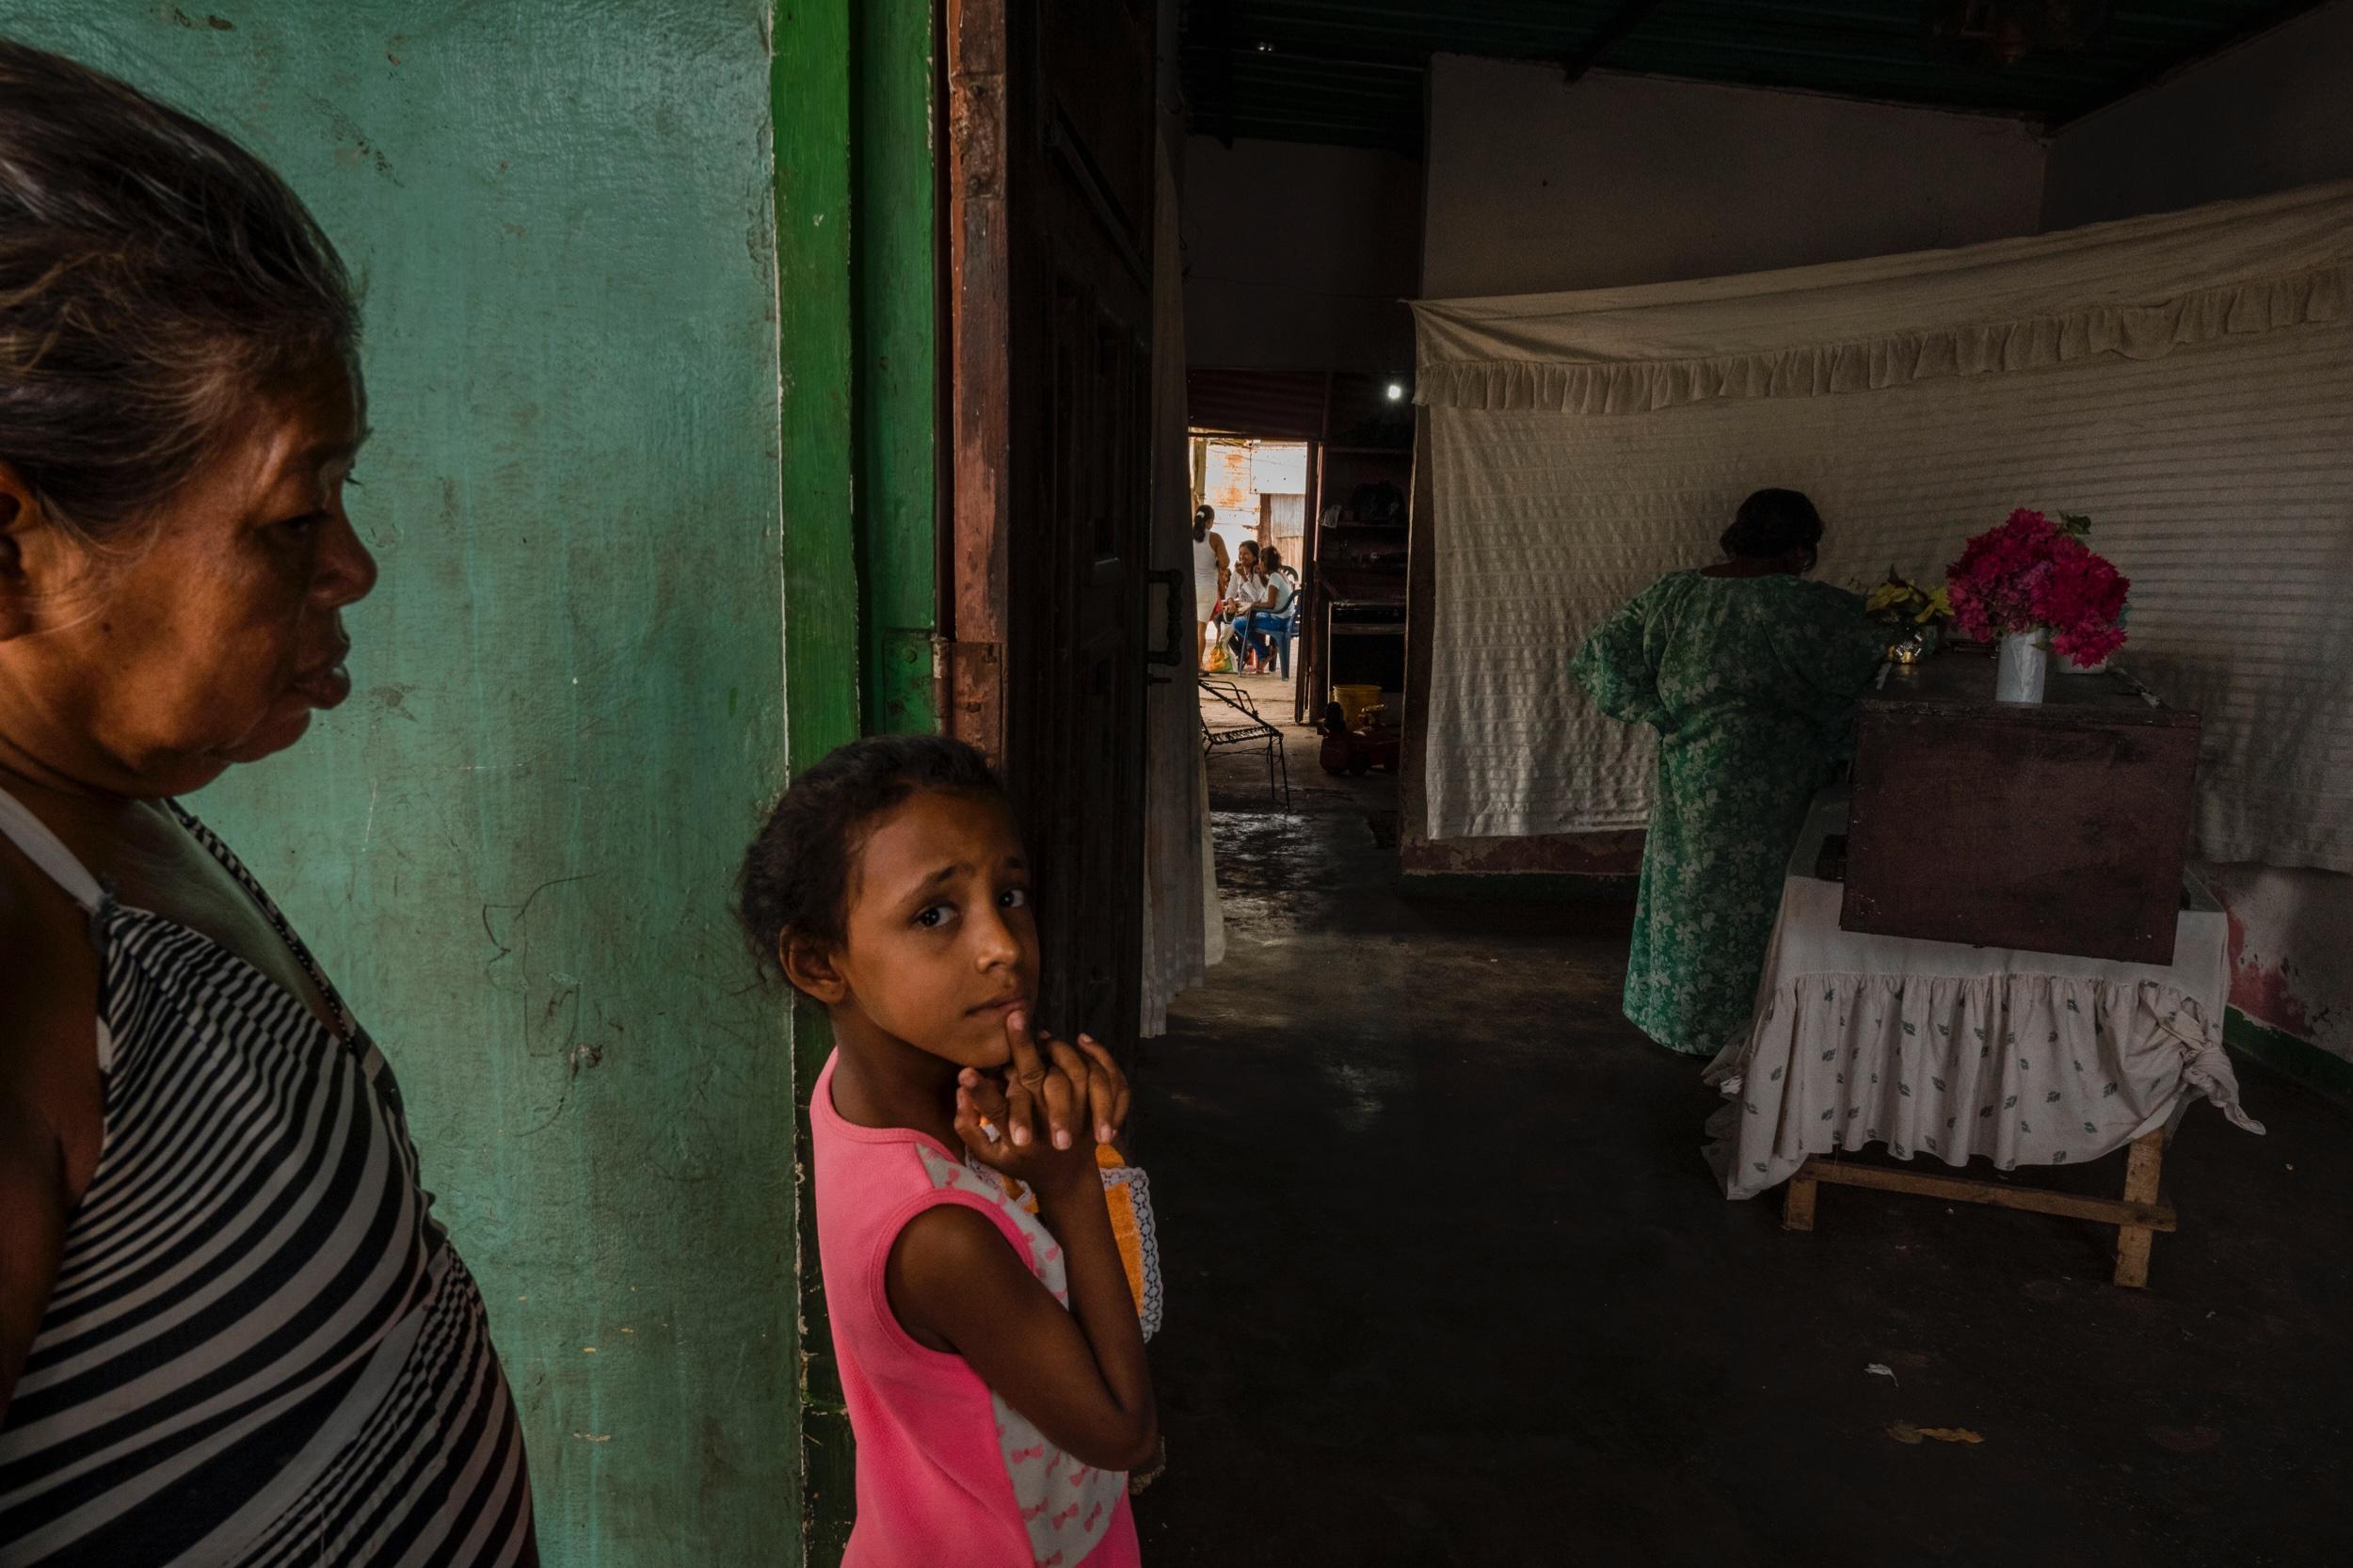 VENEZUELA_Maracaibo_038.jpeg